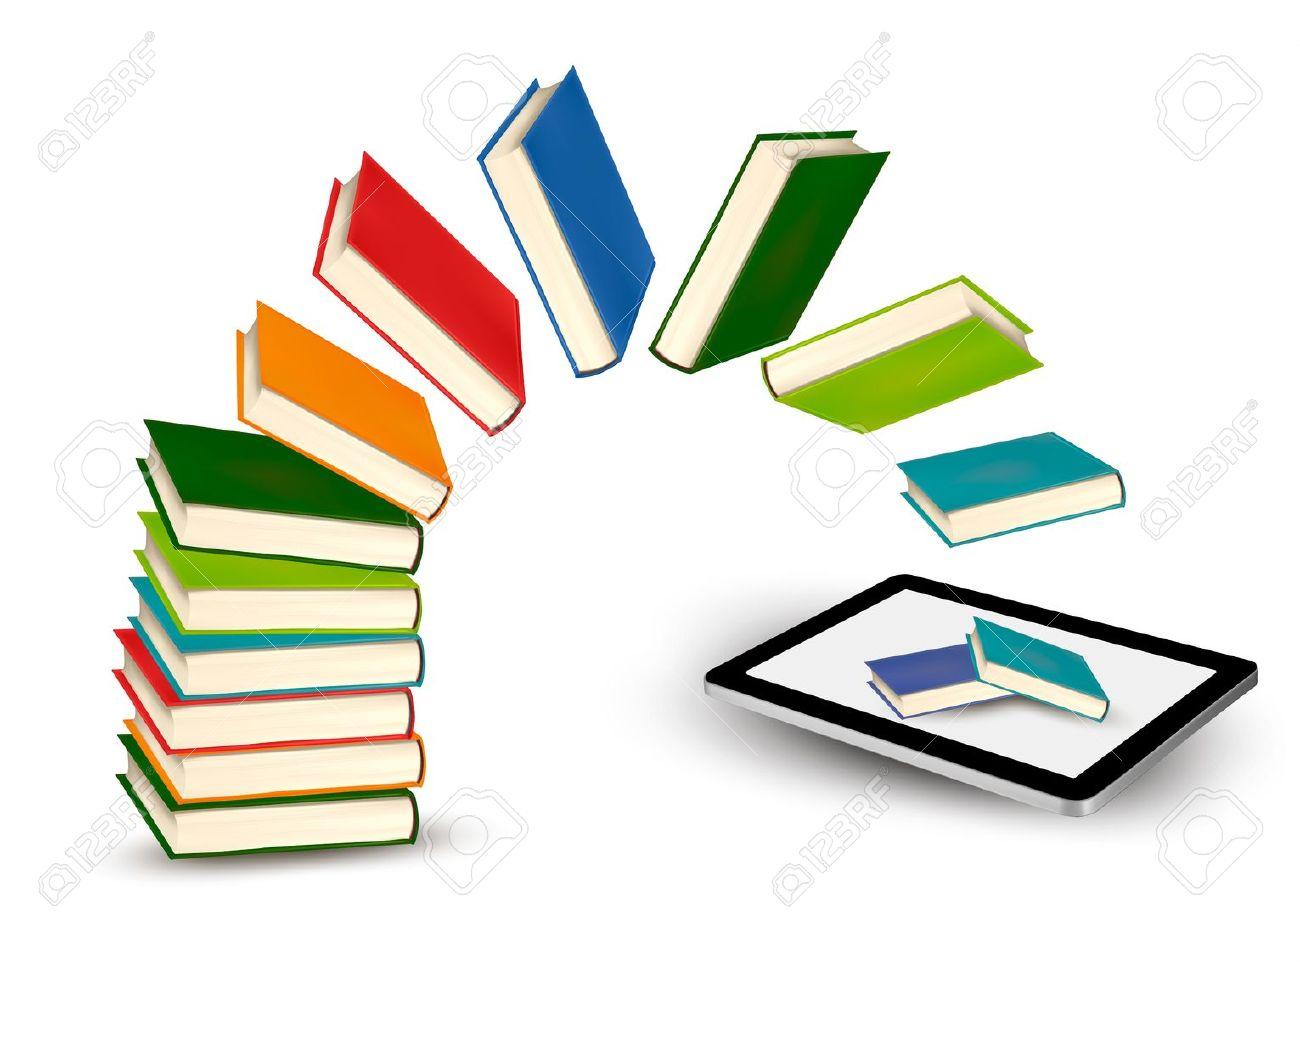 E book clipart.